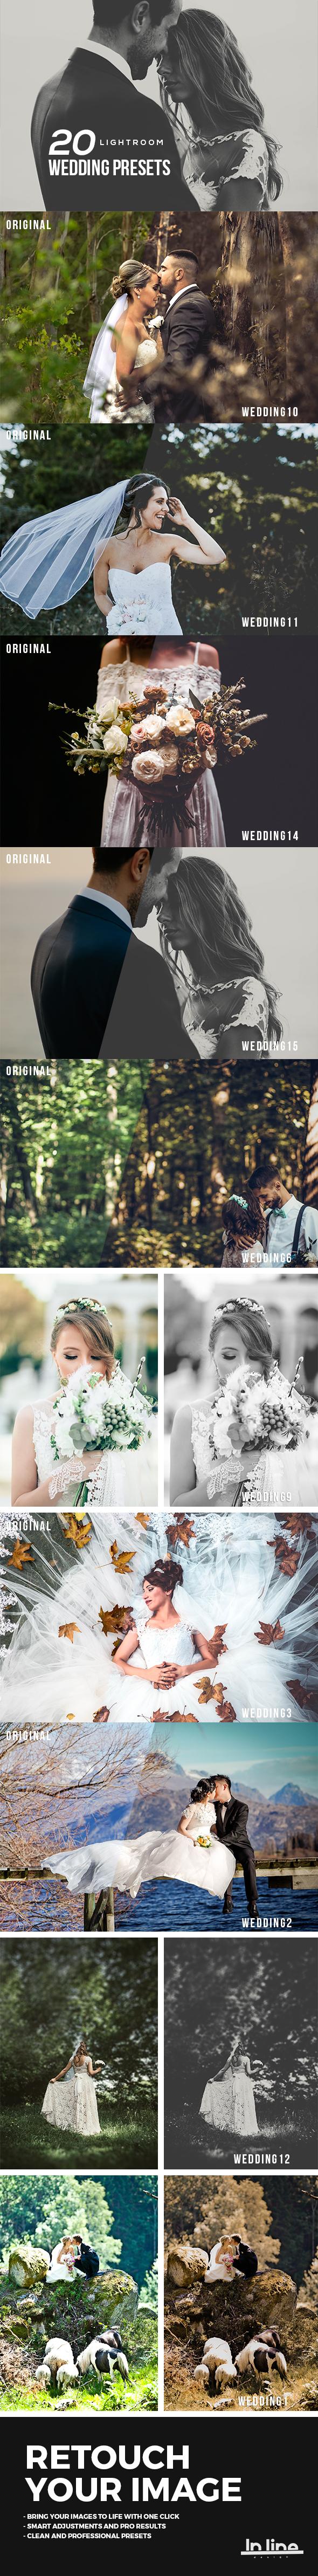 افکت حرفه ای عروسی